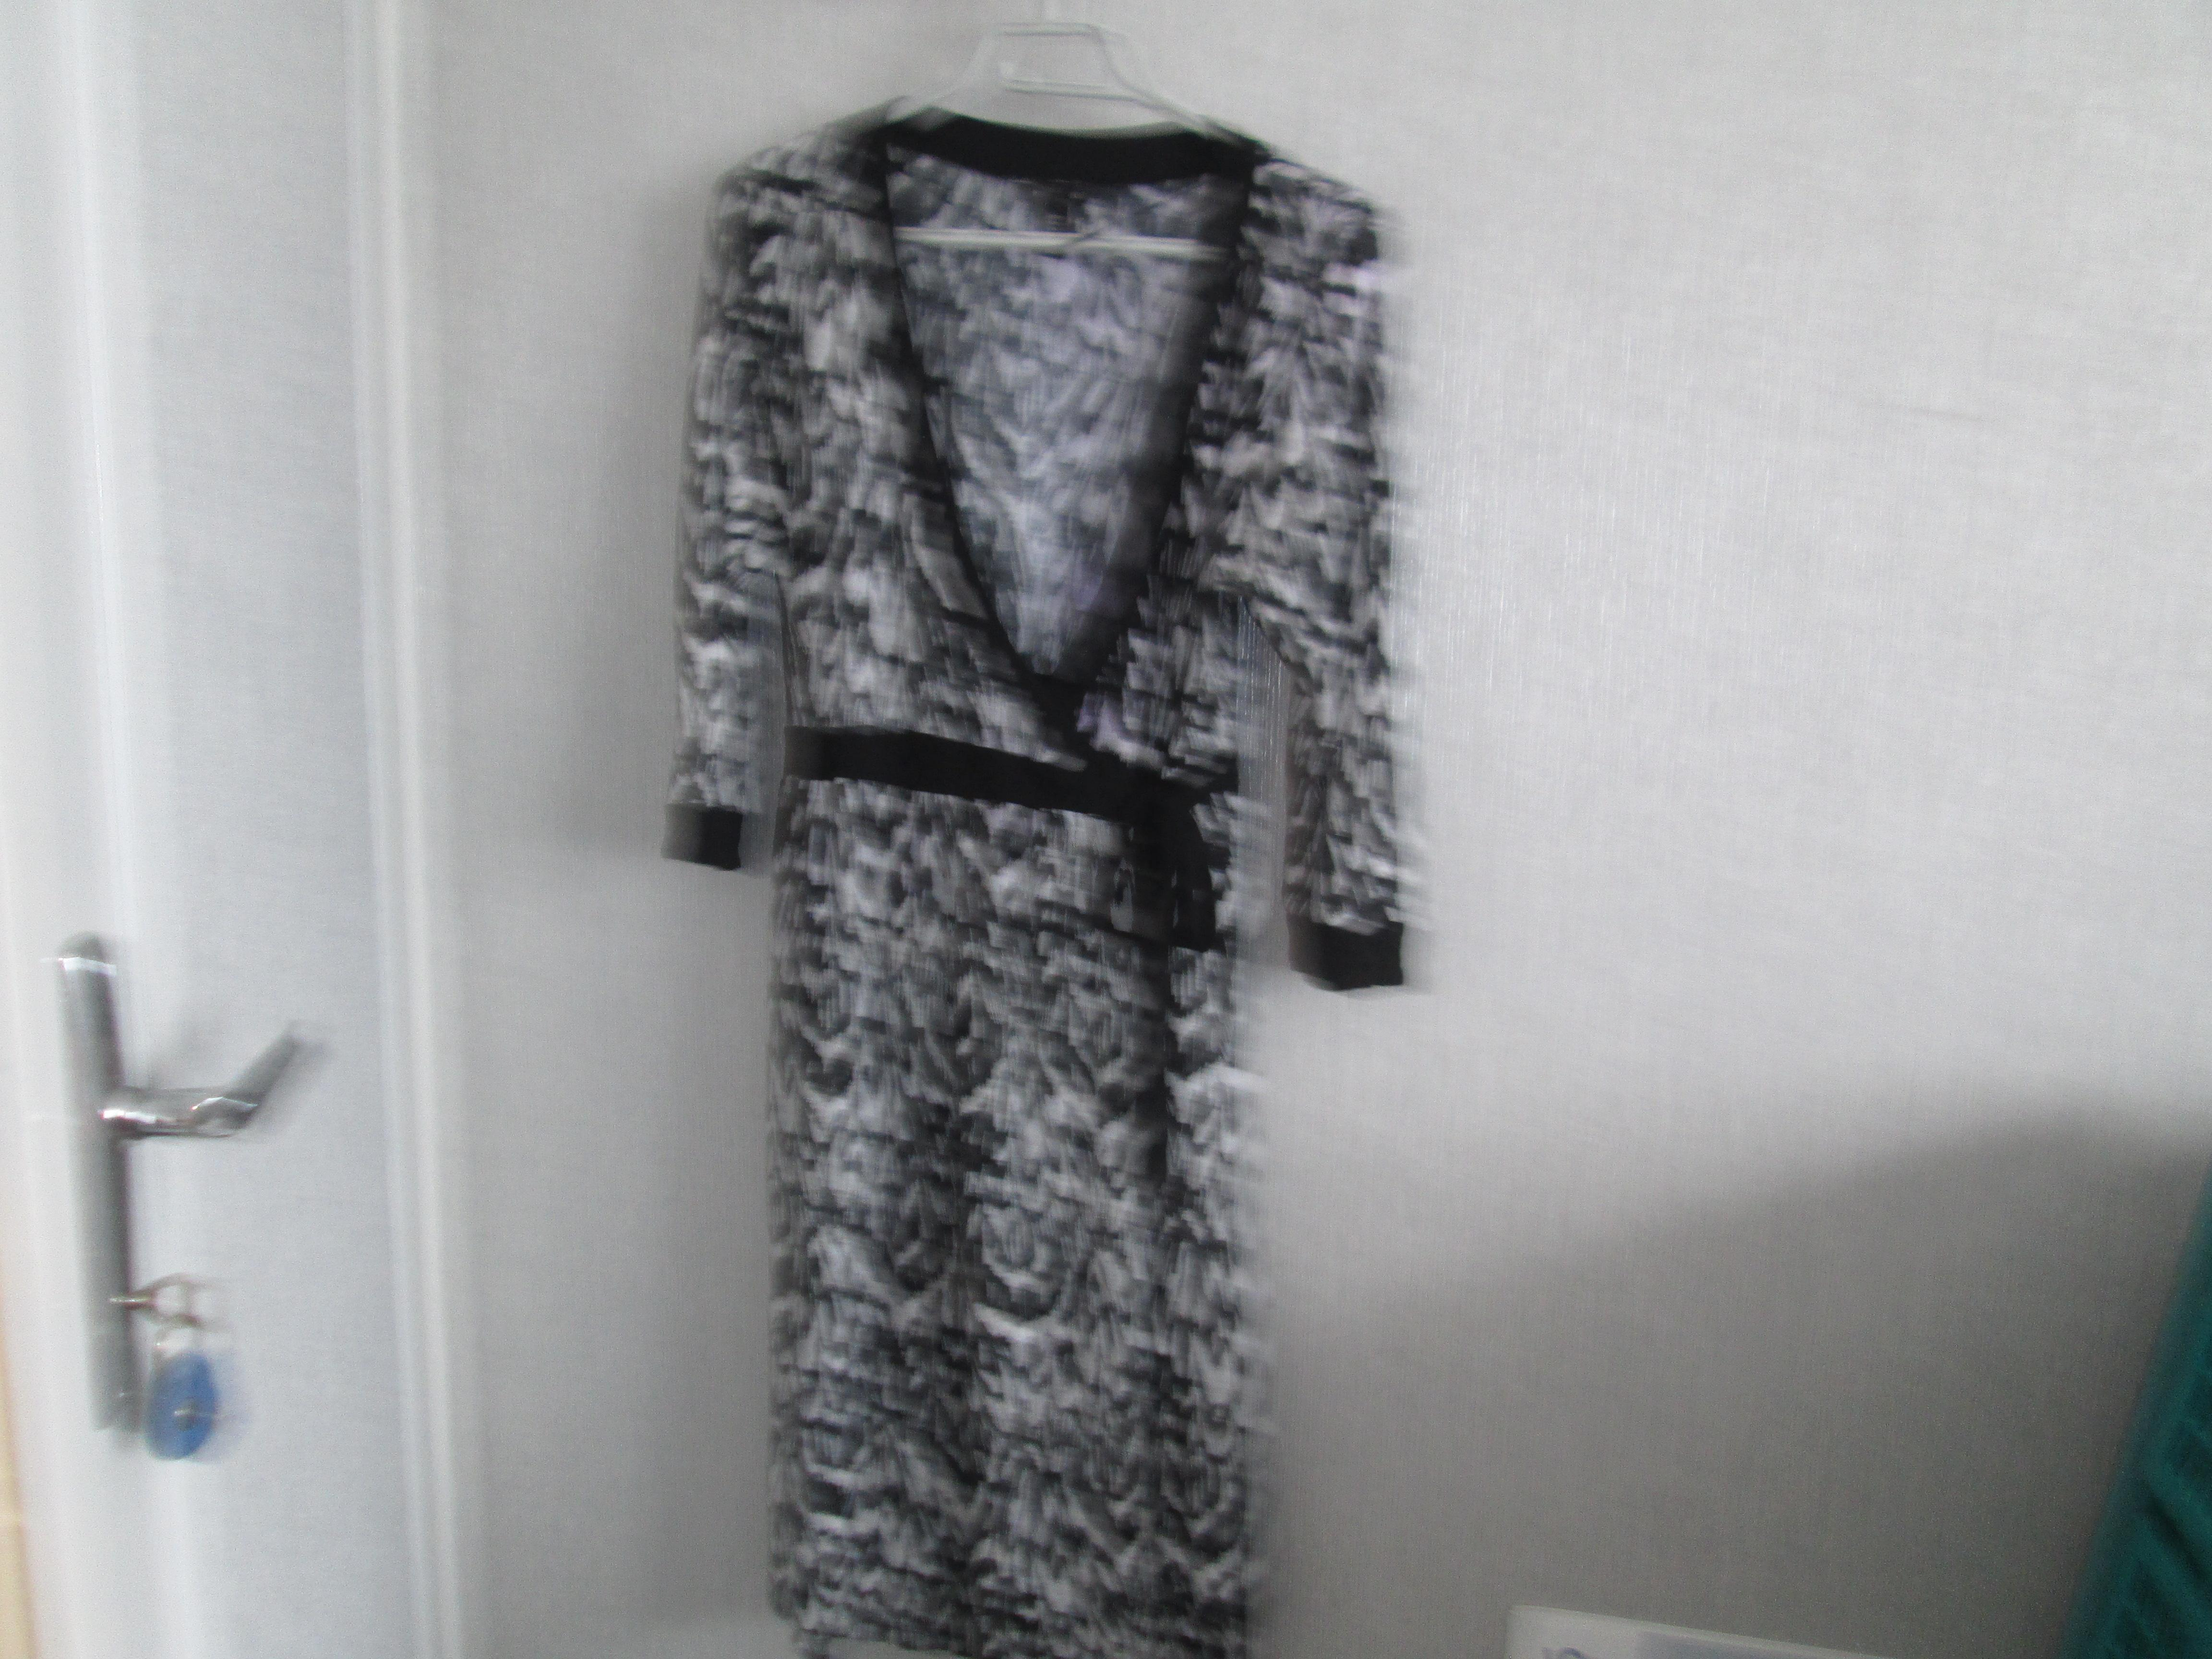 troc de troc robe noir et blanc t m 44 marque mmama 10 noisettes image 0